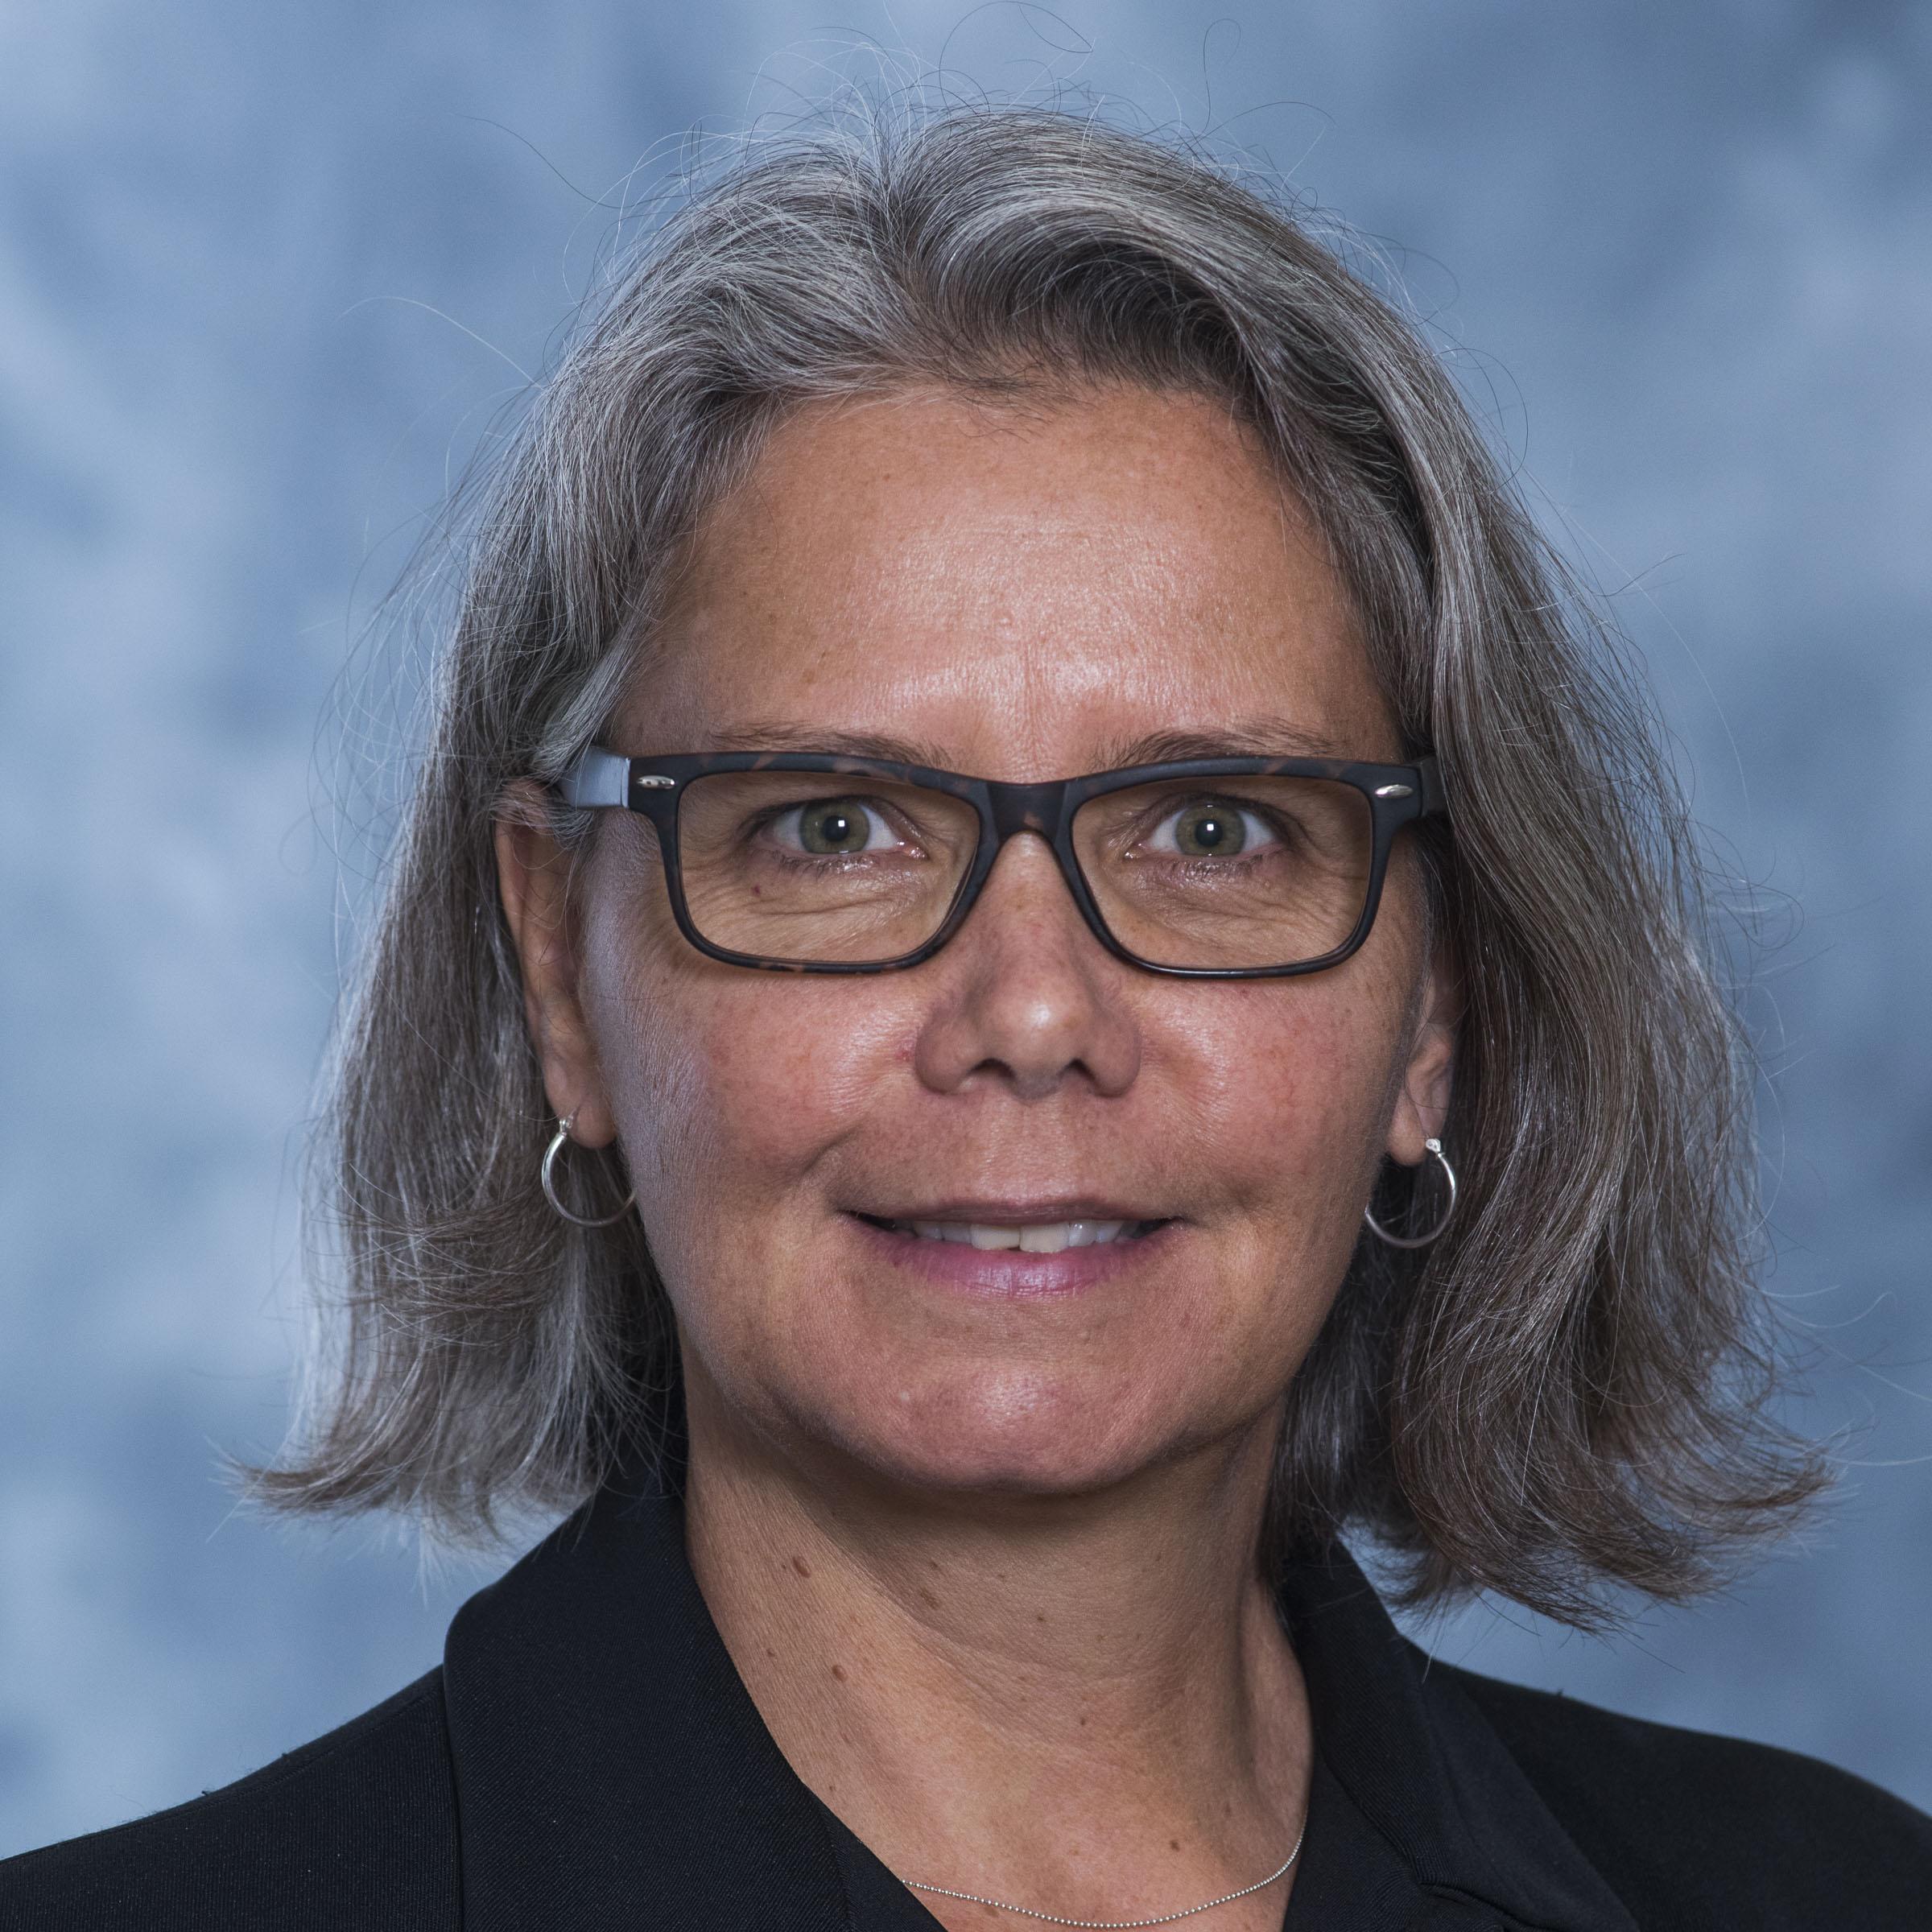 Hildy J. Teegen, Ph.D.